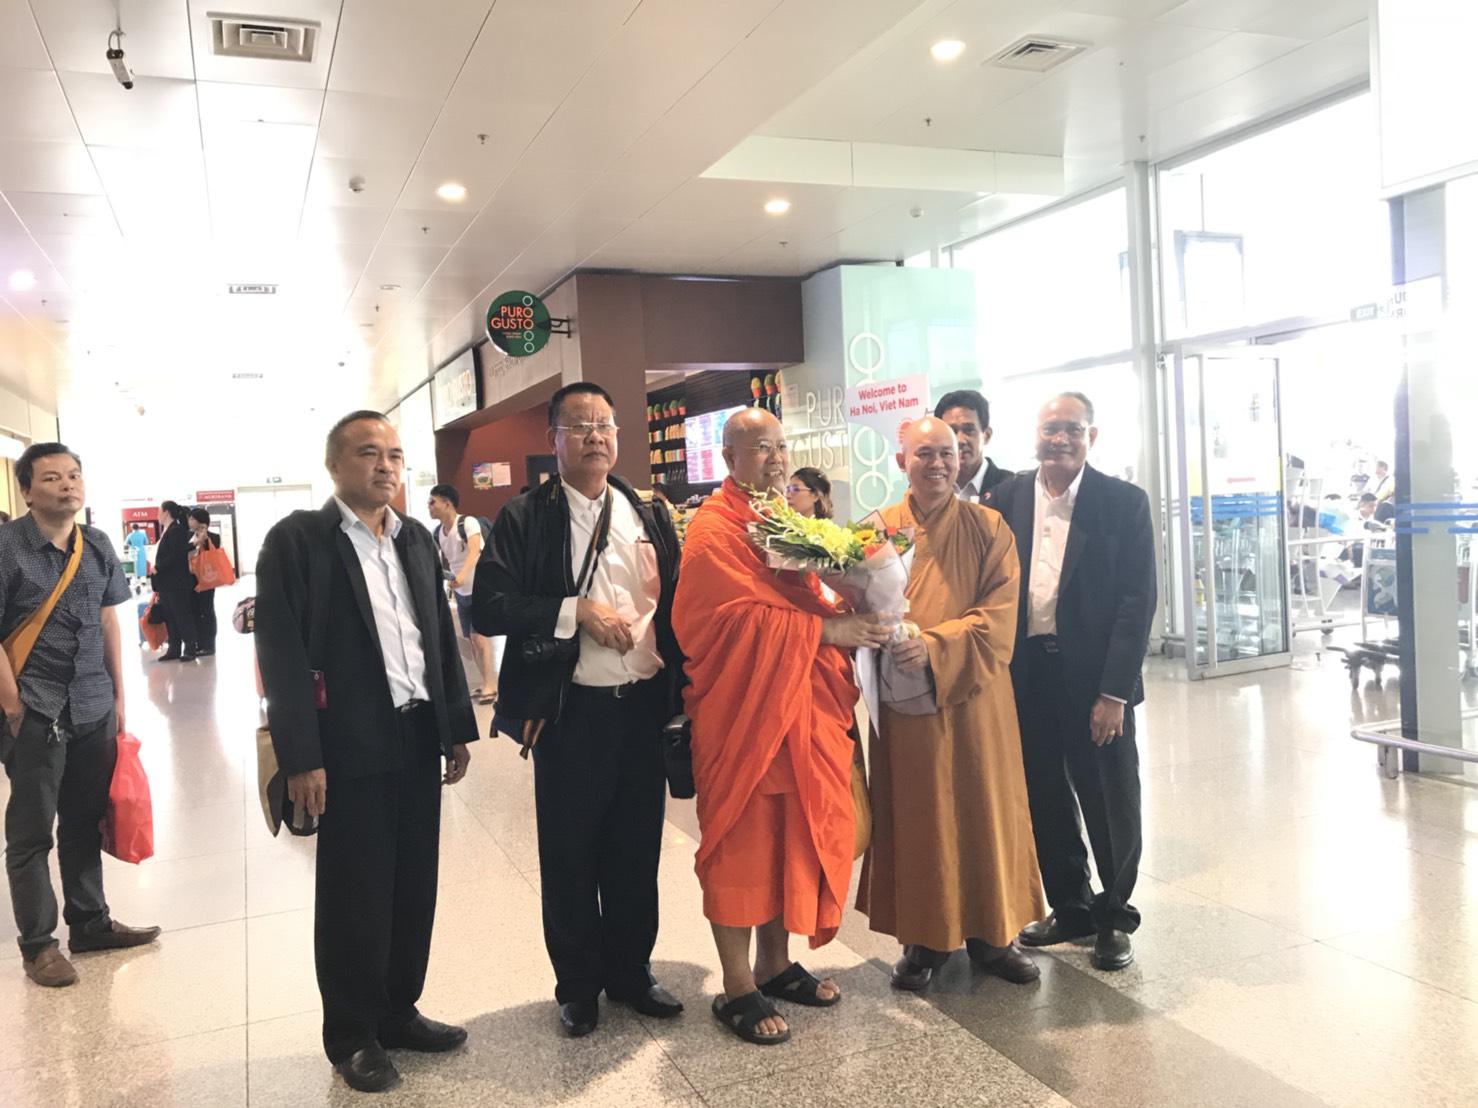 610905 รอง กต ไปฮานอย หารือพระธรรมาจารย์ ดร.ติช ดั๊ก เตียน 2